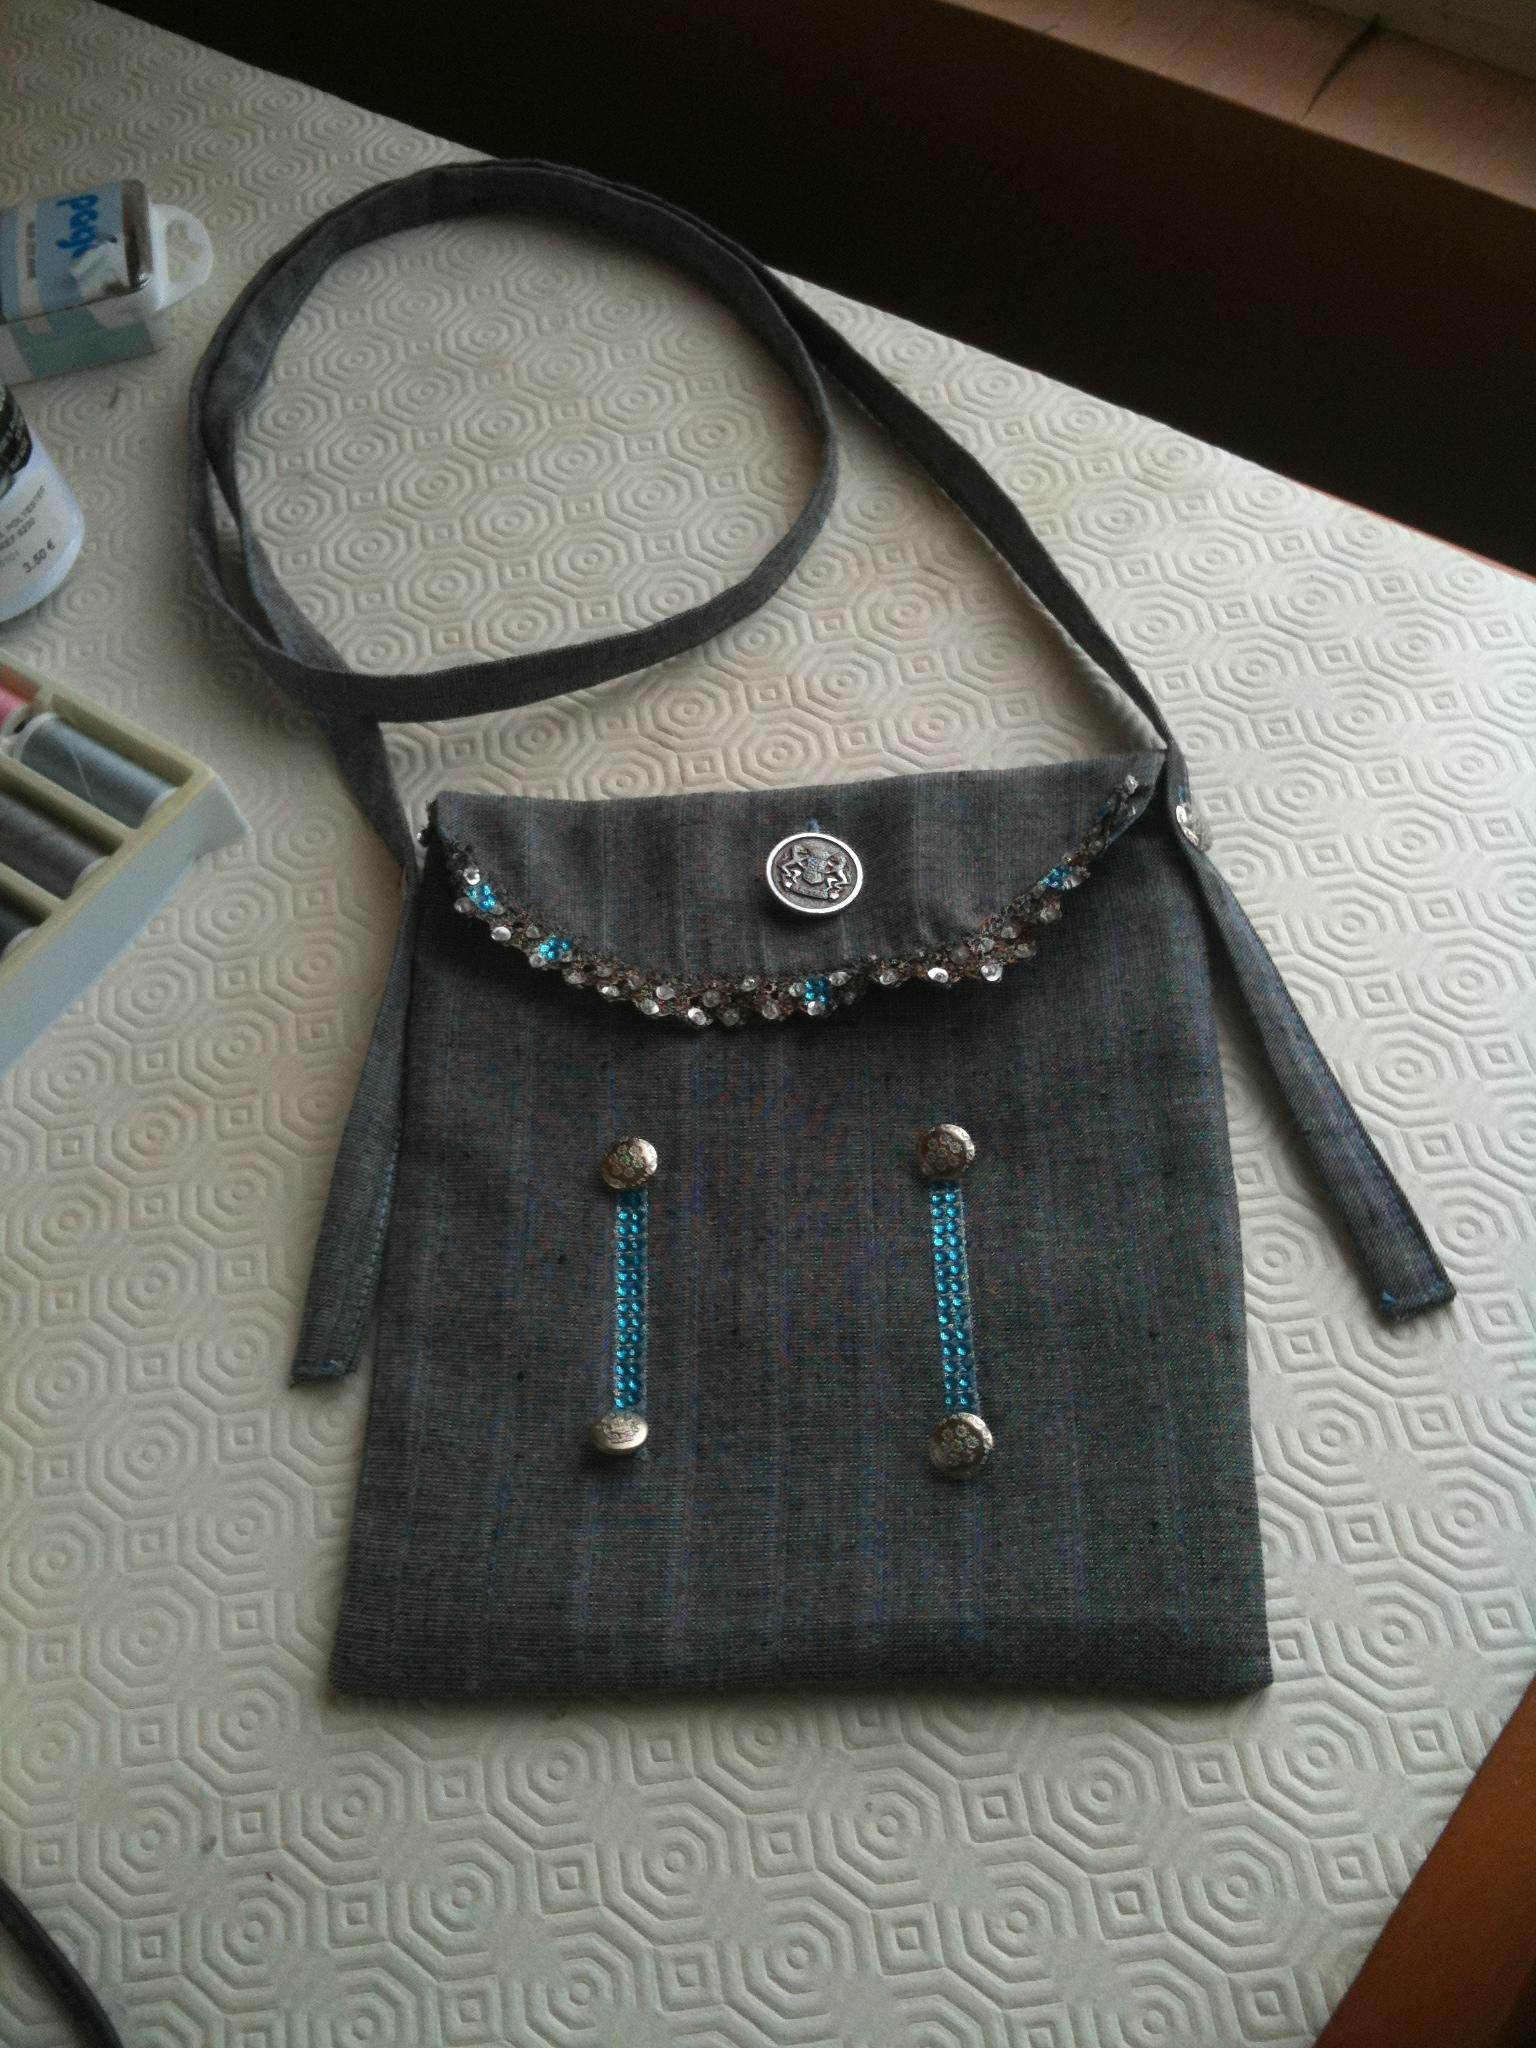 Pochette tons gris, agémentée de petits boutons argentés et straas bleus